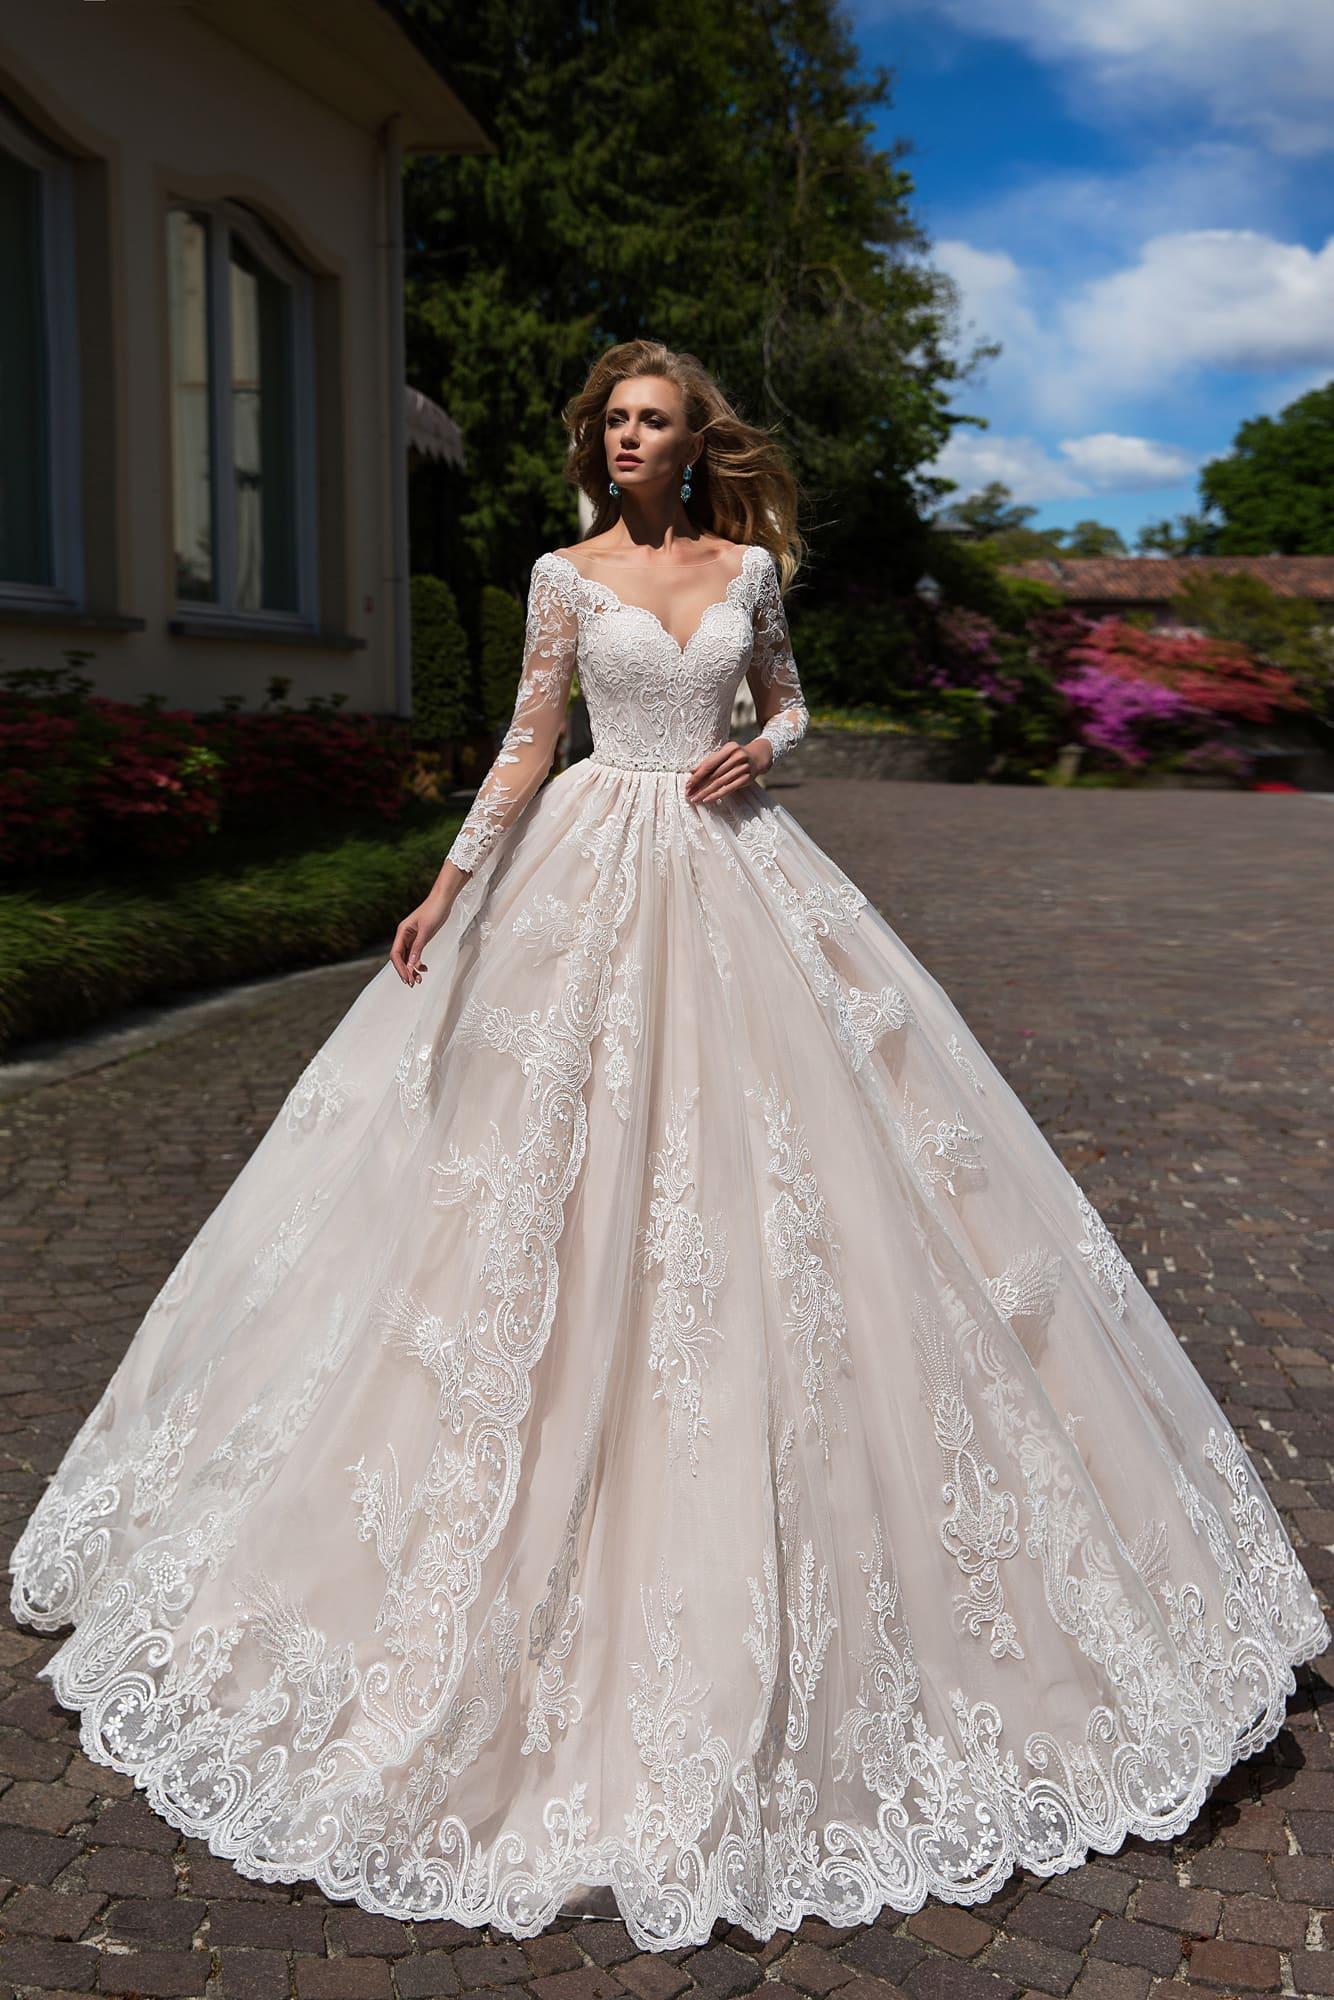 d071857a9d8 Свадебное платье Lussano Bridal Deny 16878 ▷ Свадебный Торговый ...